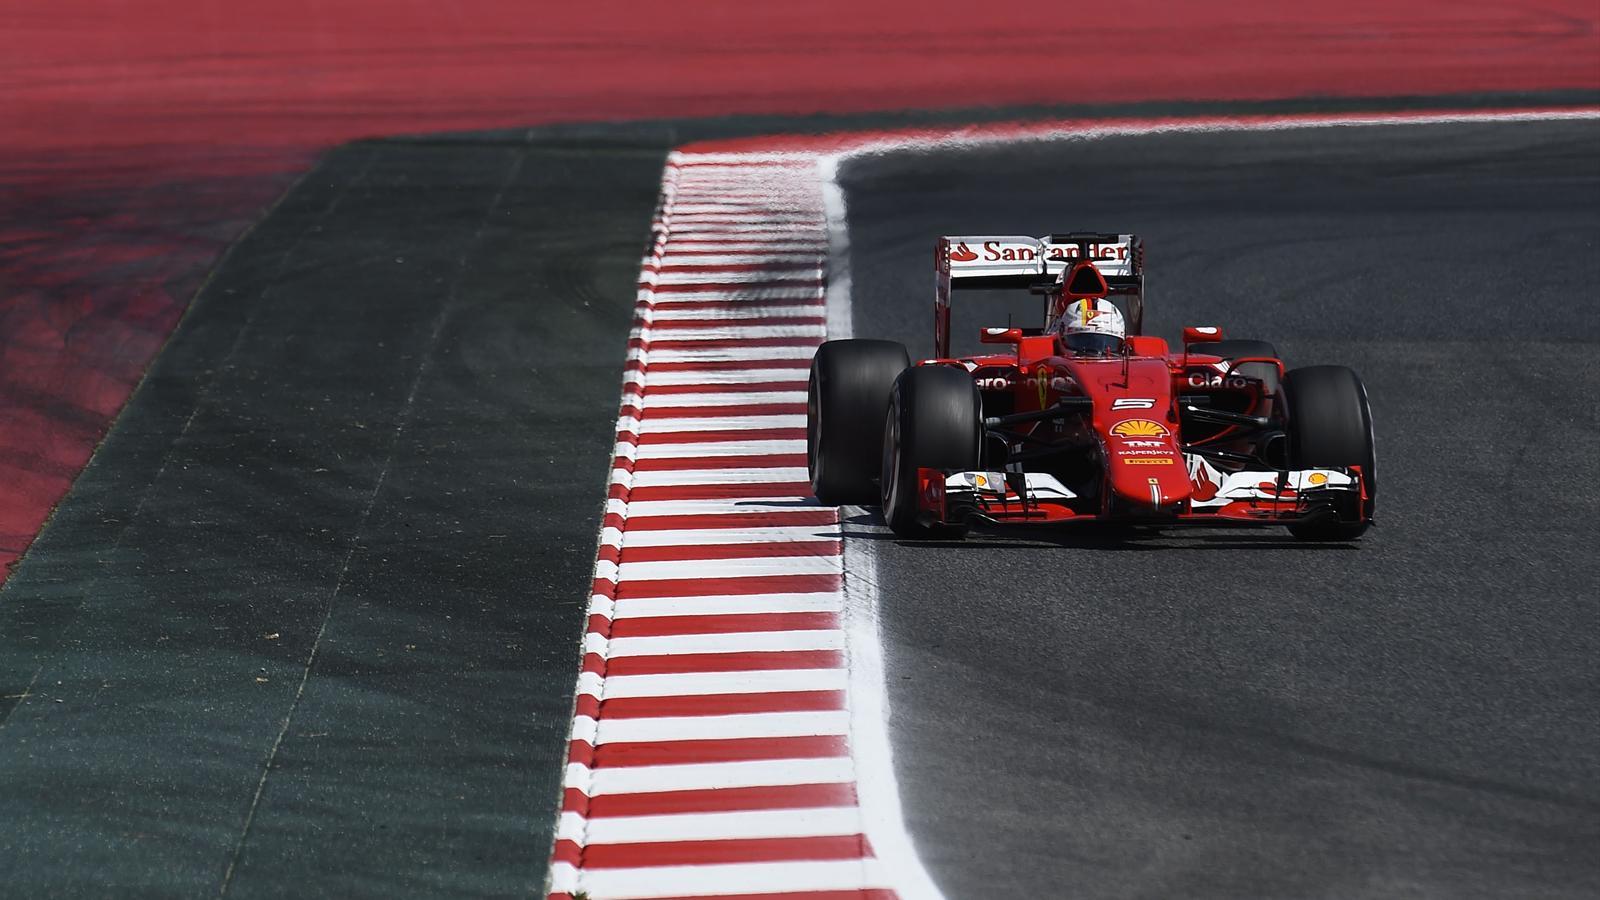 Spécial Sebastian Vettel (Formule un) - Page 18 1505457-32106308-1600-900